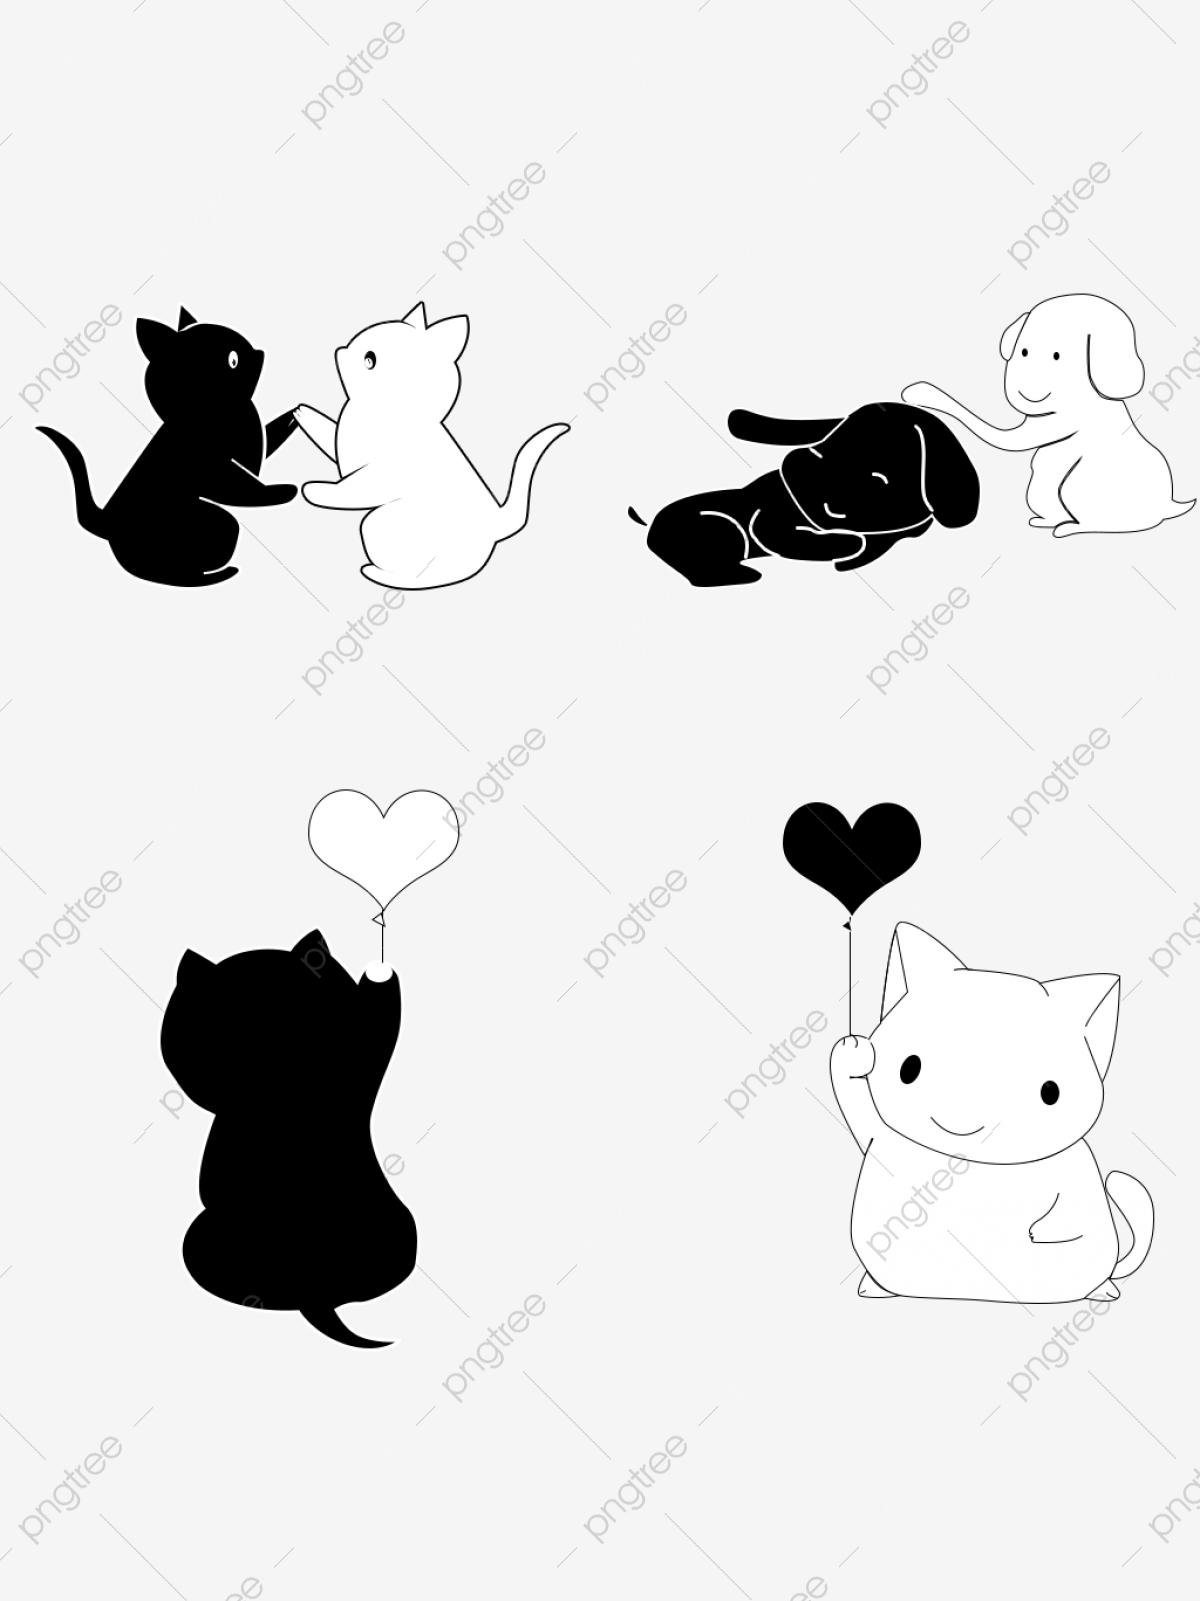 Kittens clipart row. Puppy or kitten sitting